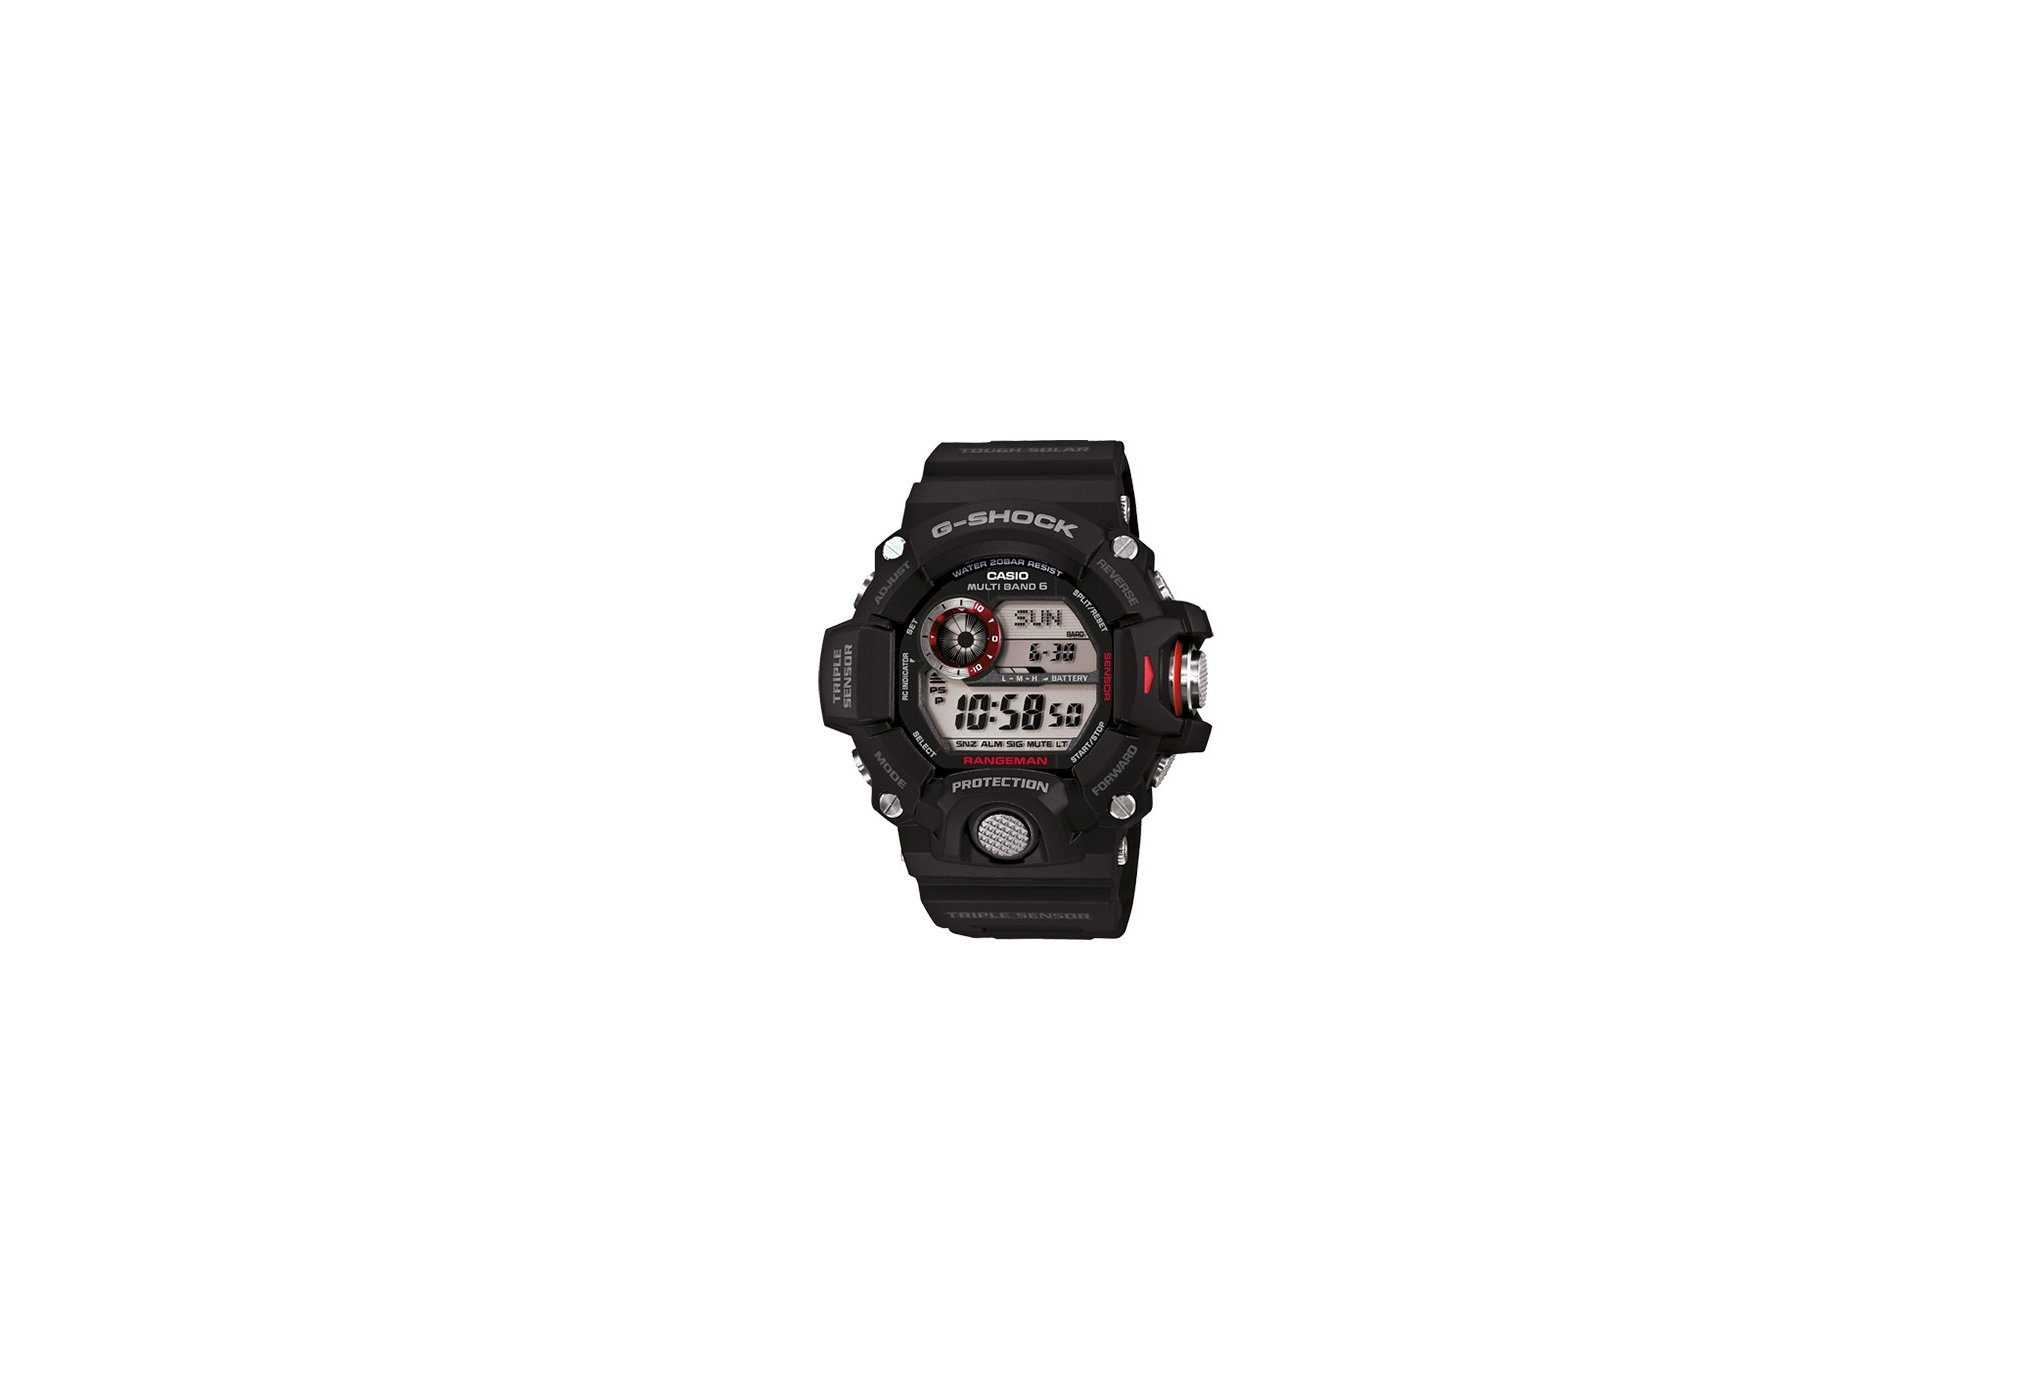 Casio G-Shock mudmaster rangeman 9400 montres de sport